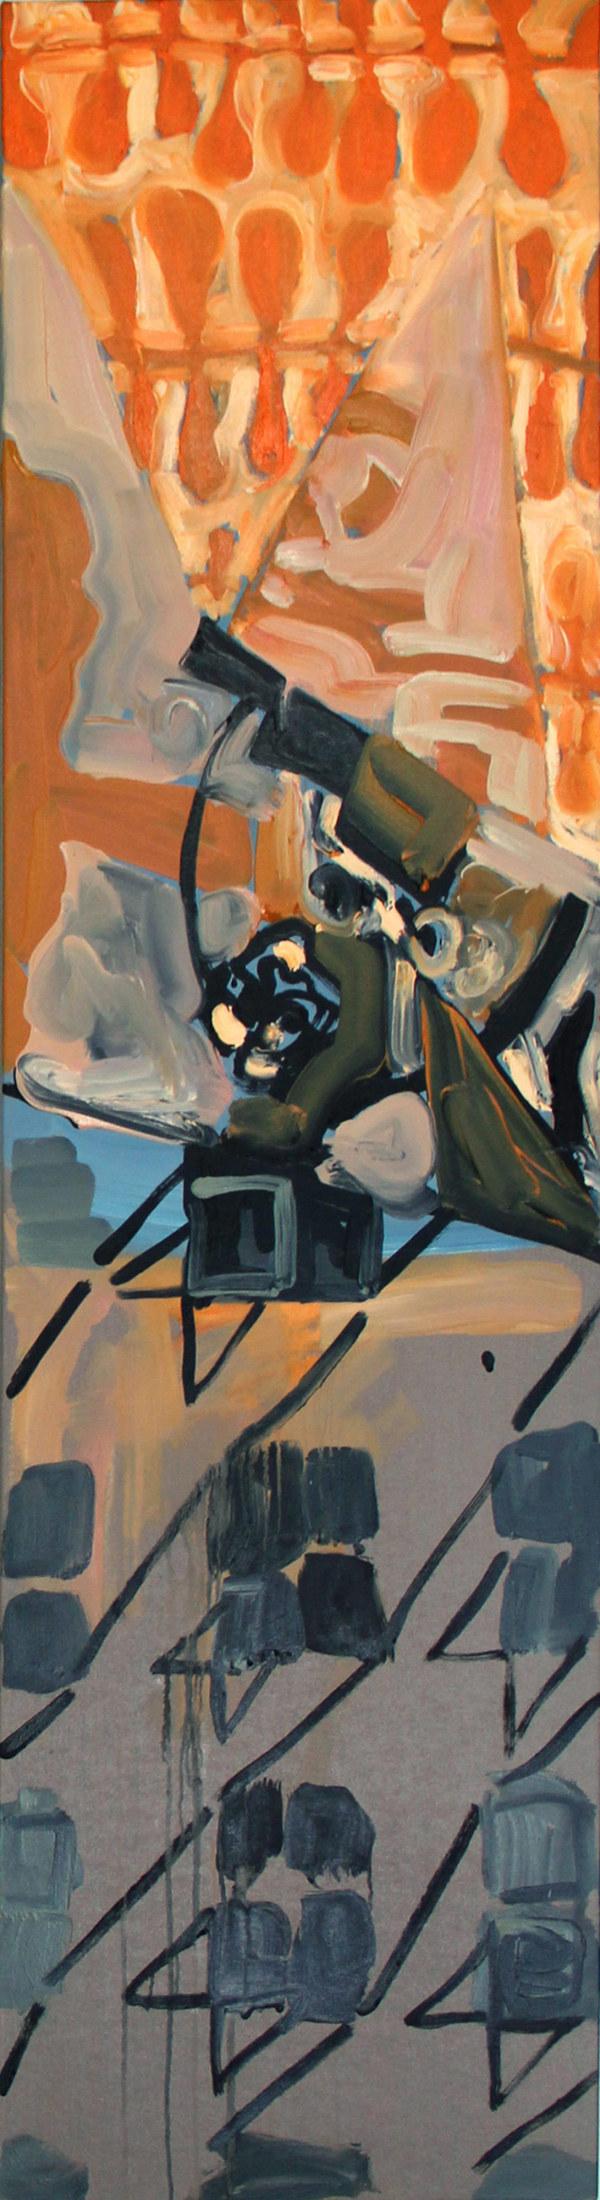 Houndstooth Series (orange loops) by Pamela Staker